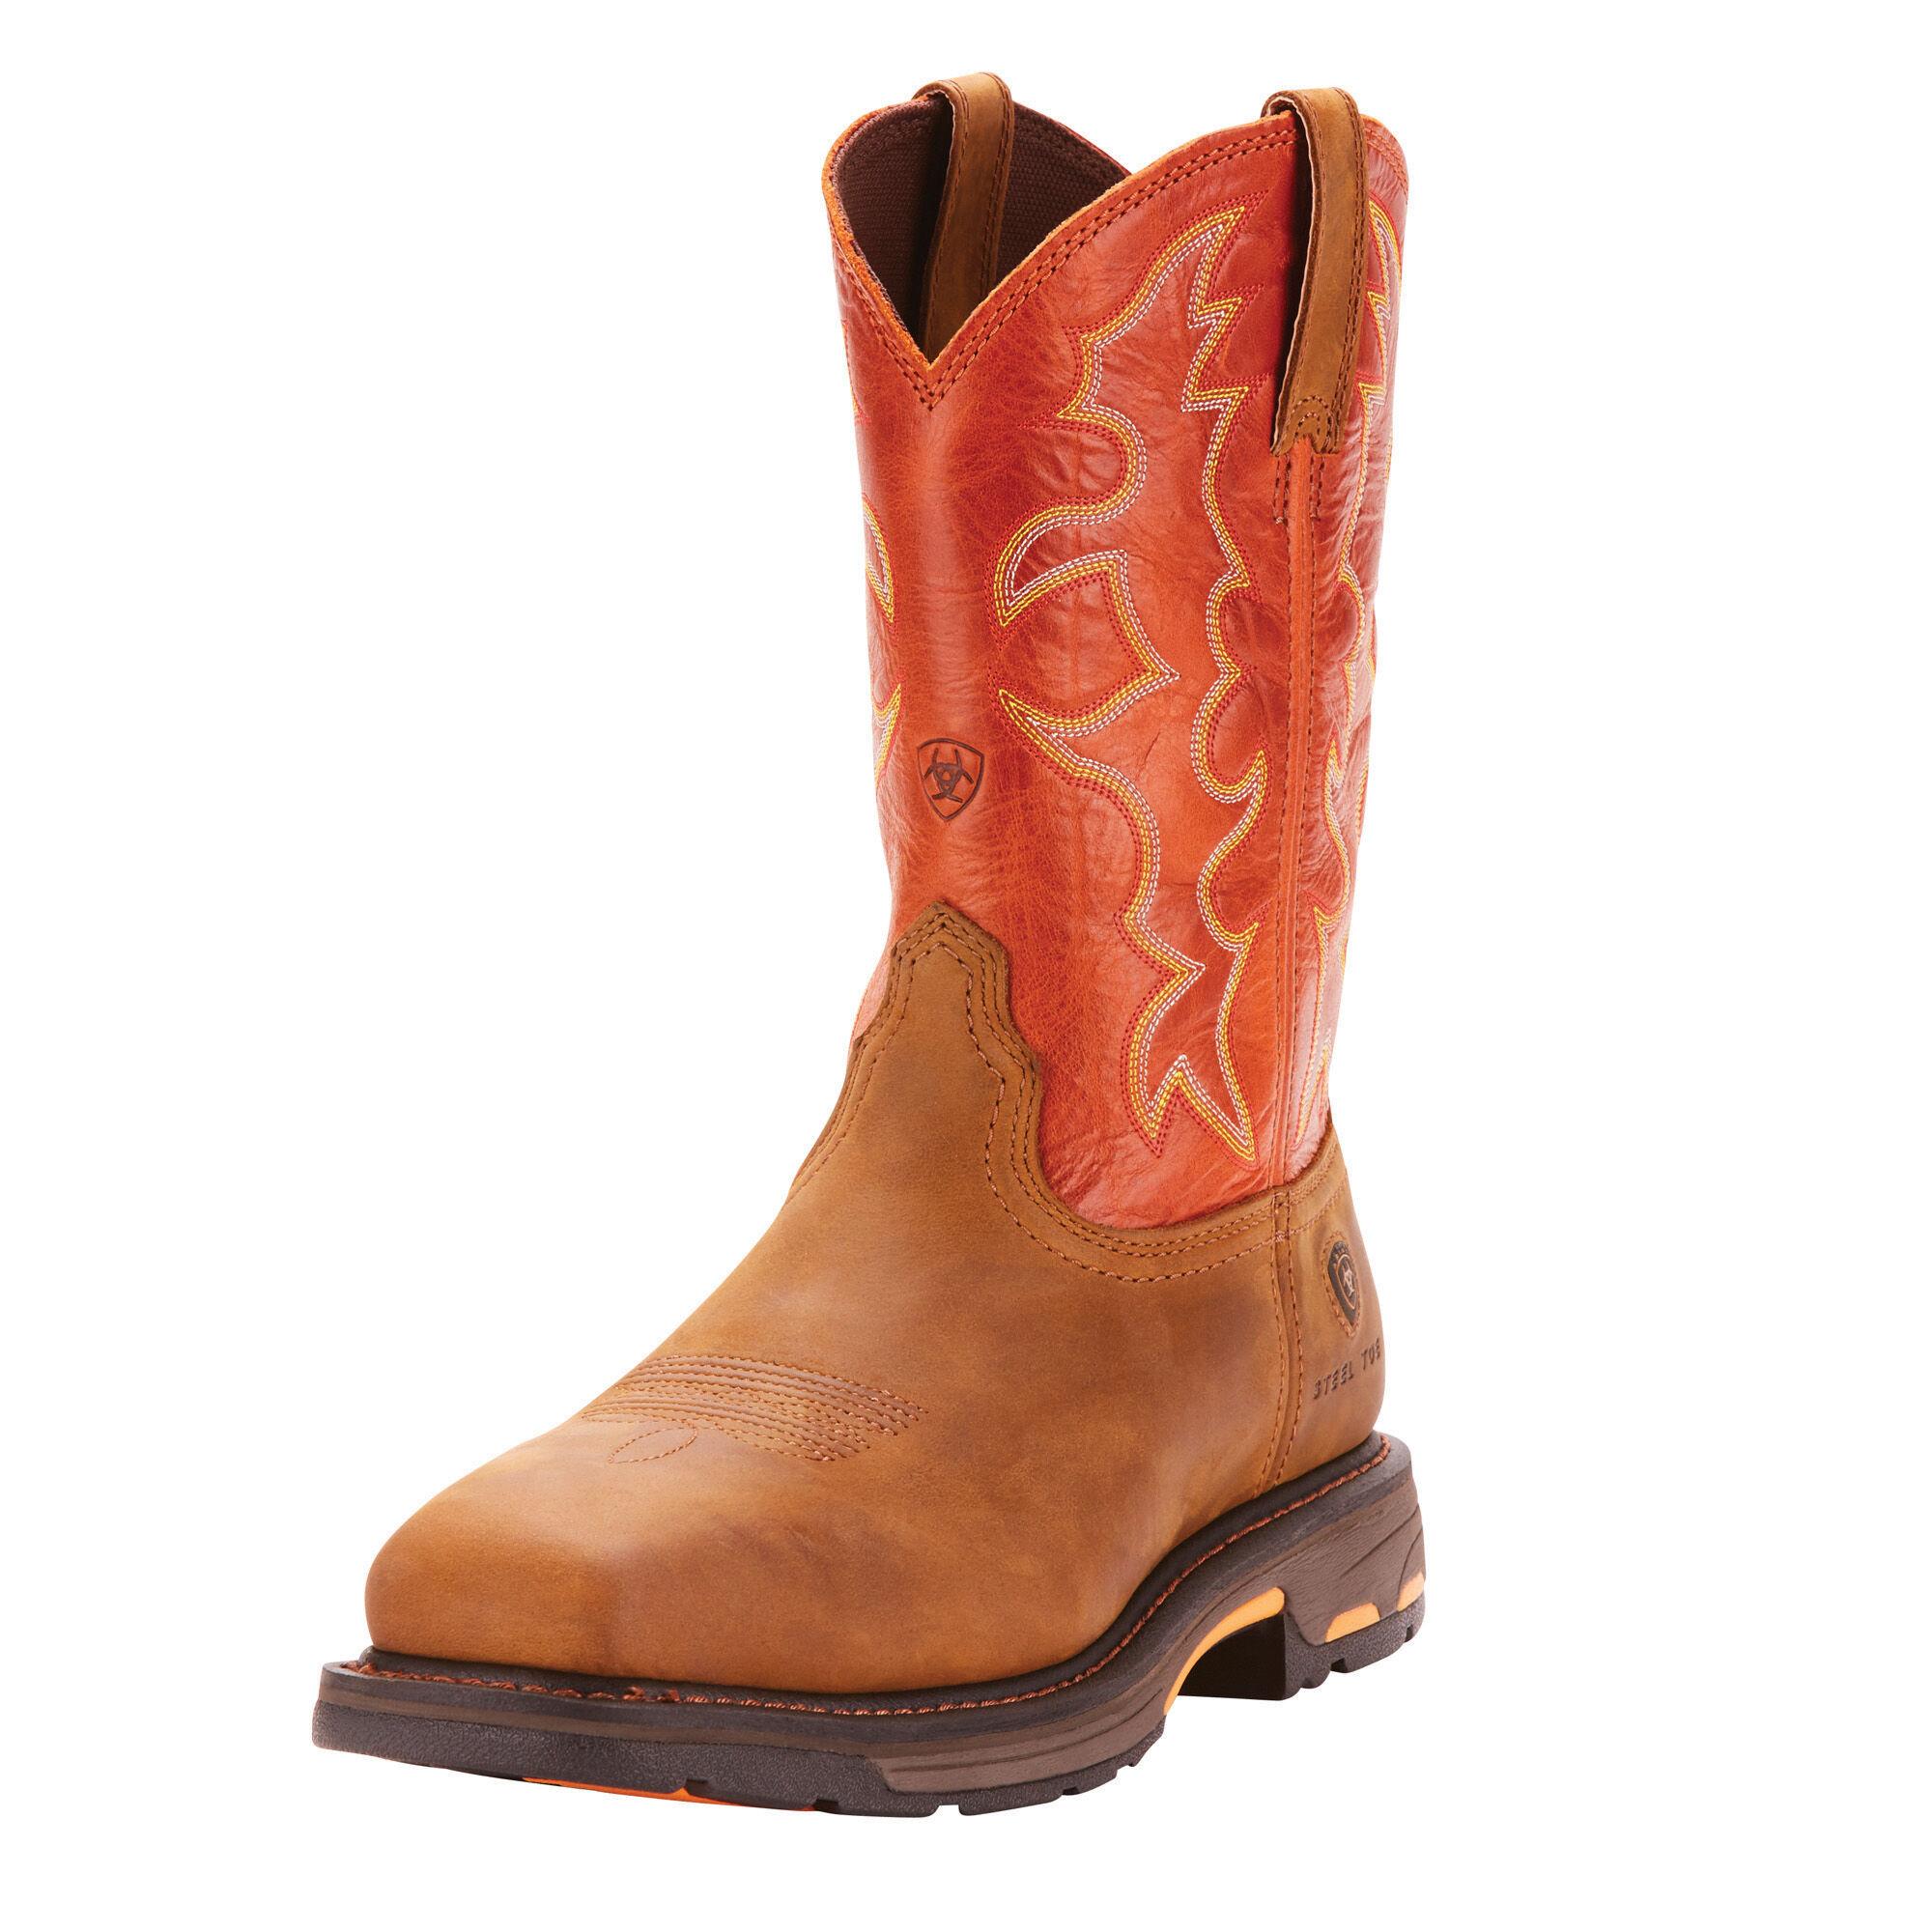 Steel Toe Work Boots for Men - Ariat